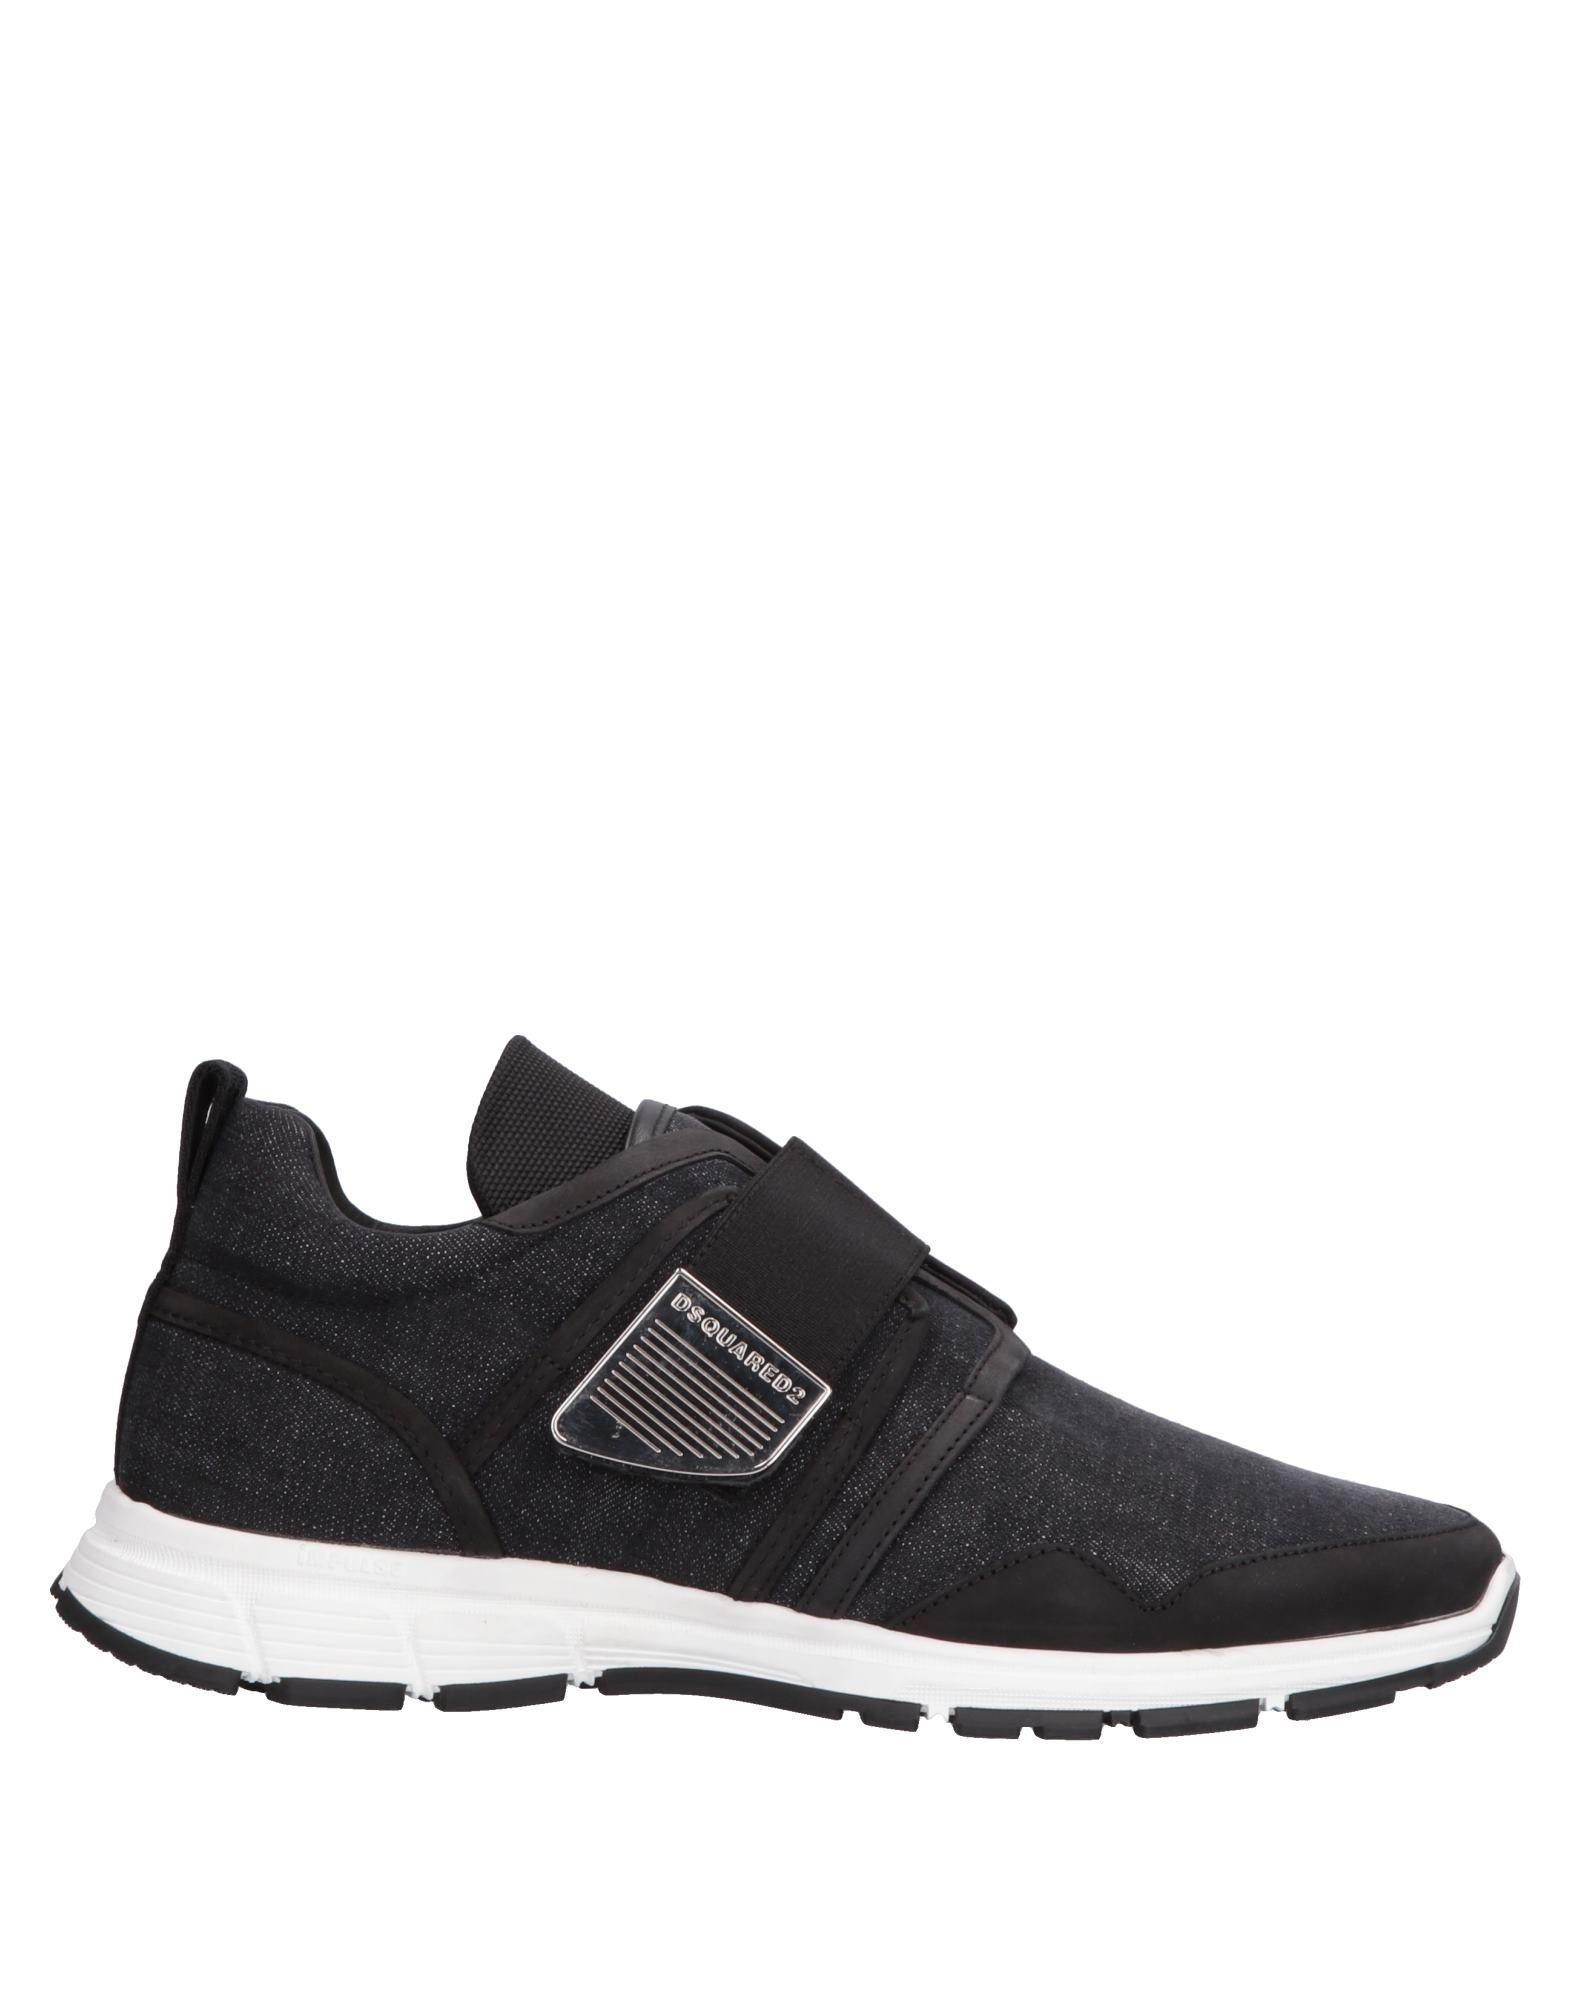 Zapatillas Dsquared2 Hombre - Zapatillas  Dsquared2  Zapatillas Negro 20e188